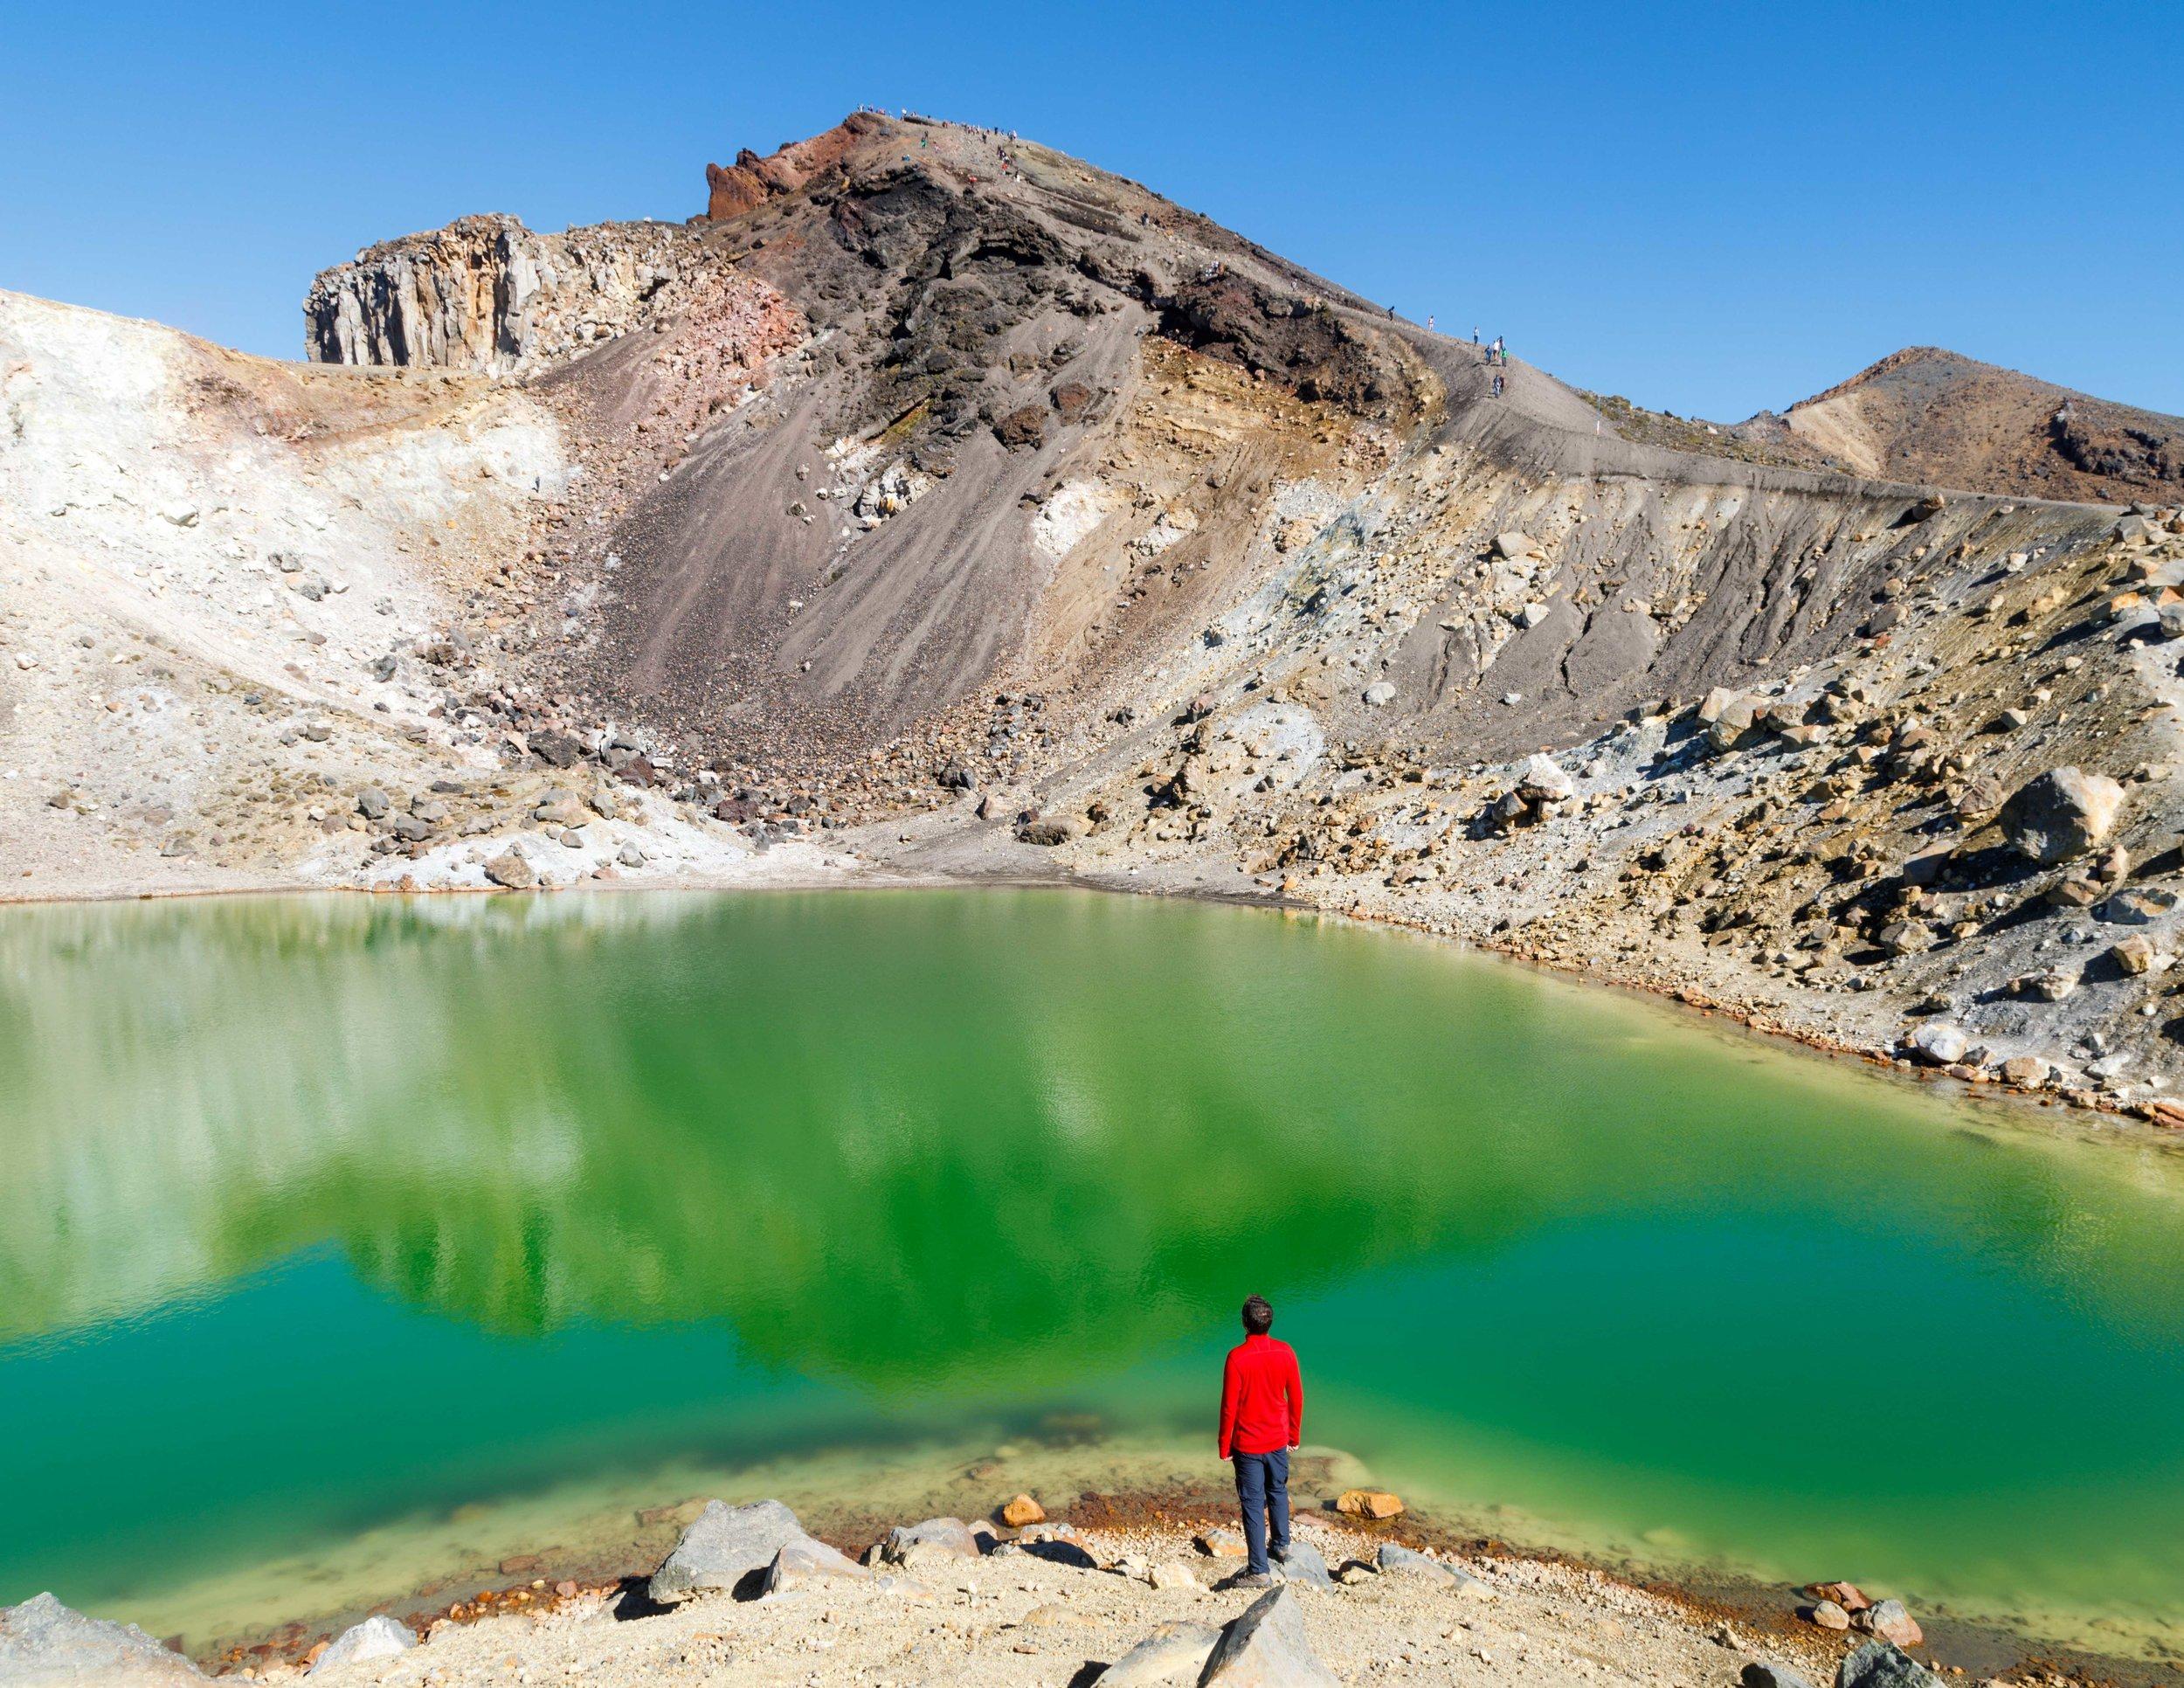 The green lake on the Tongariro Northern Circuit